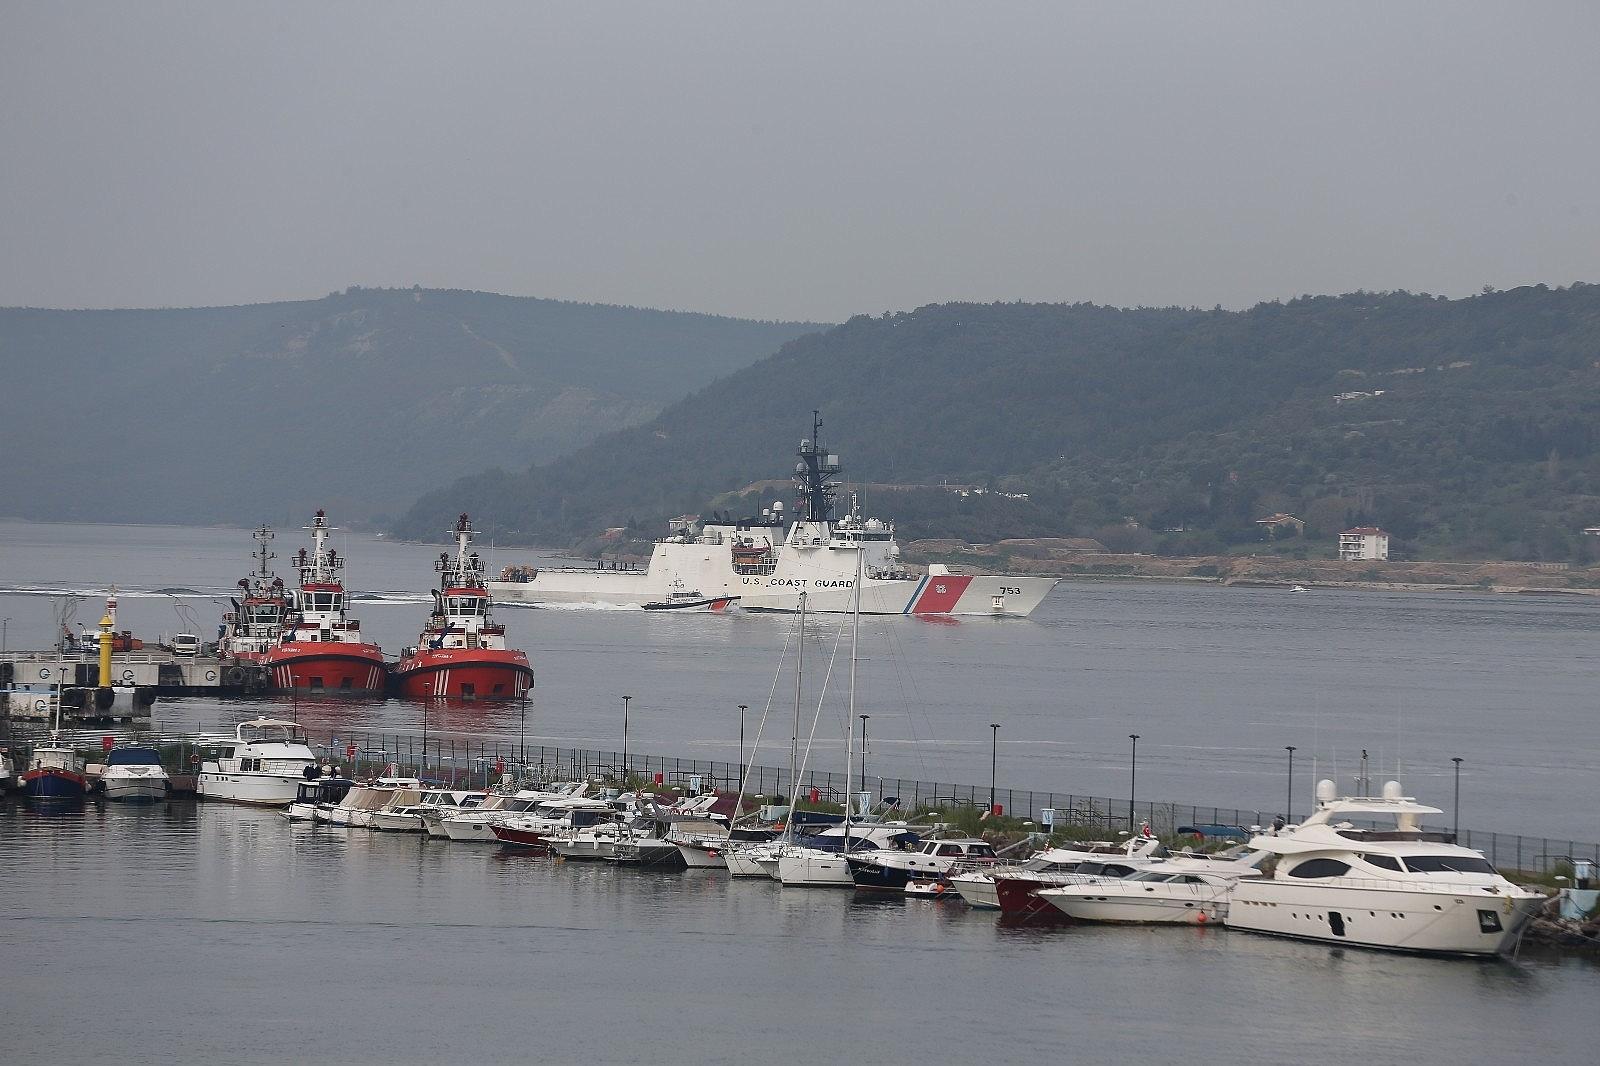 2021/04/abd-sahil-guvenlik-gemisi-canakkale-bogazindan-gecti-20210427AW30-6.jpg